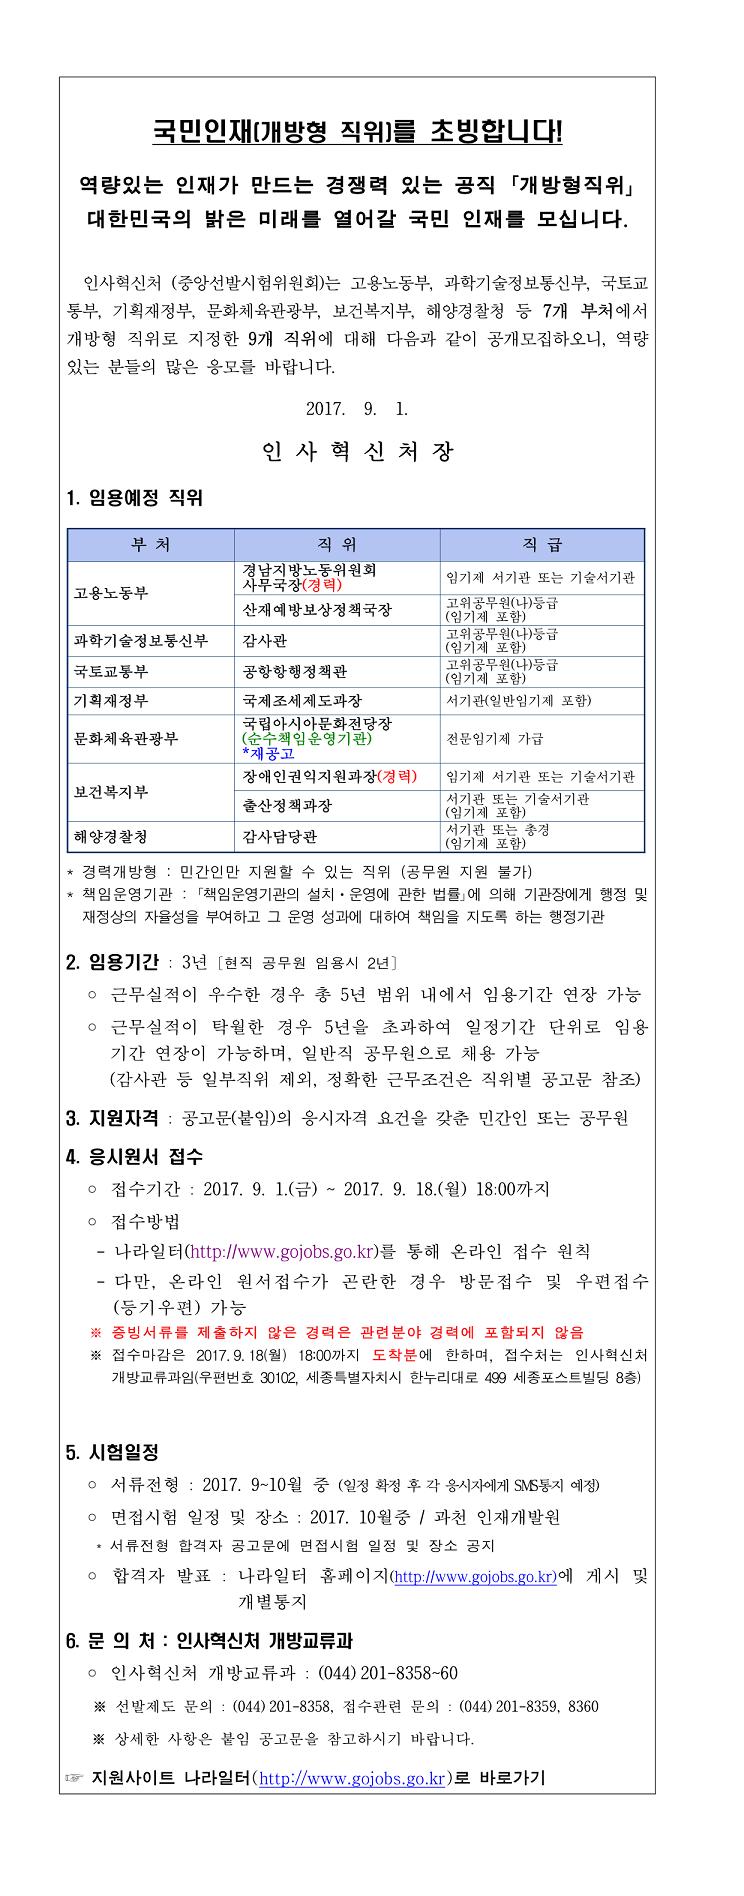 1. 개방형 직위 공개모집 안내(2017년 9월 공고)-1.jpg